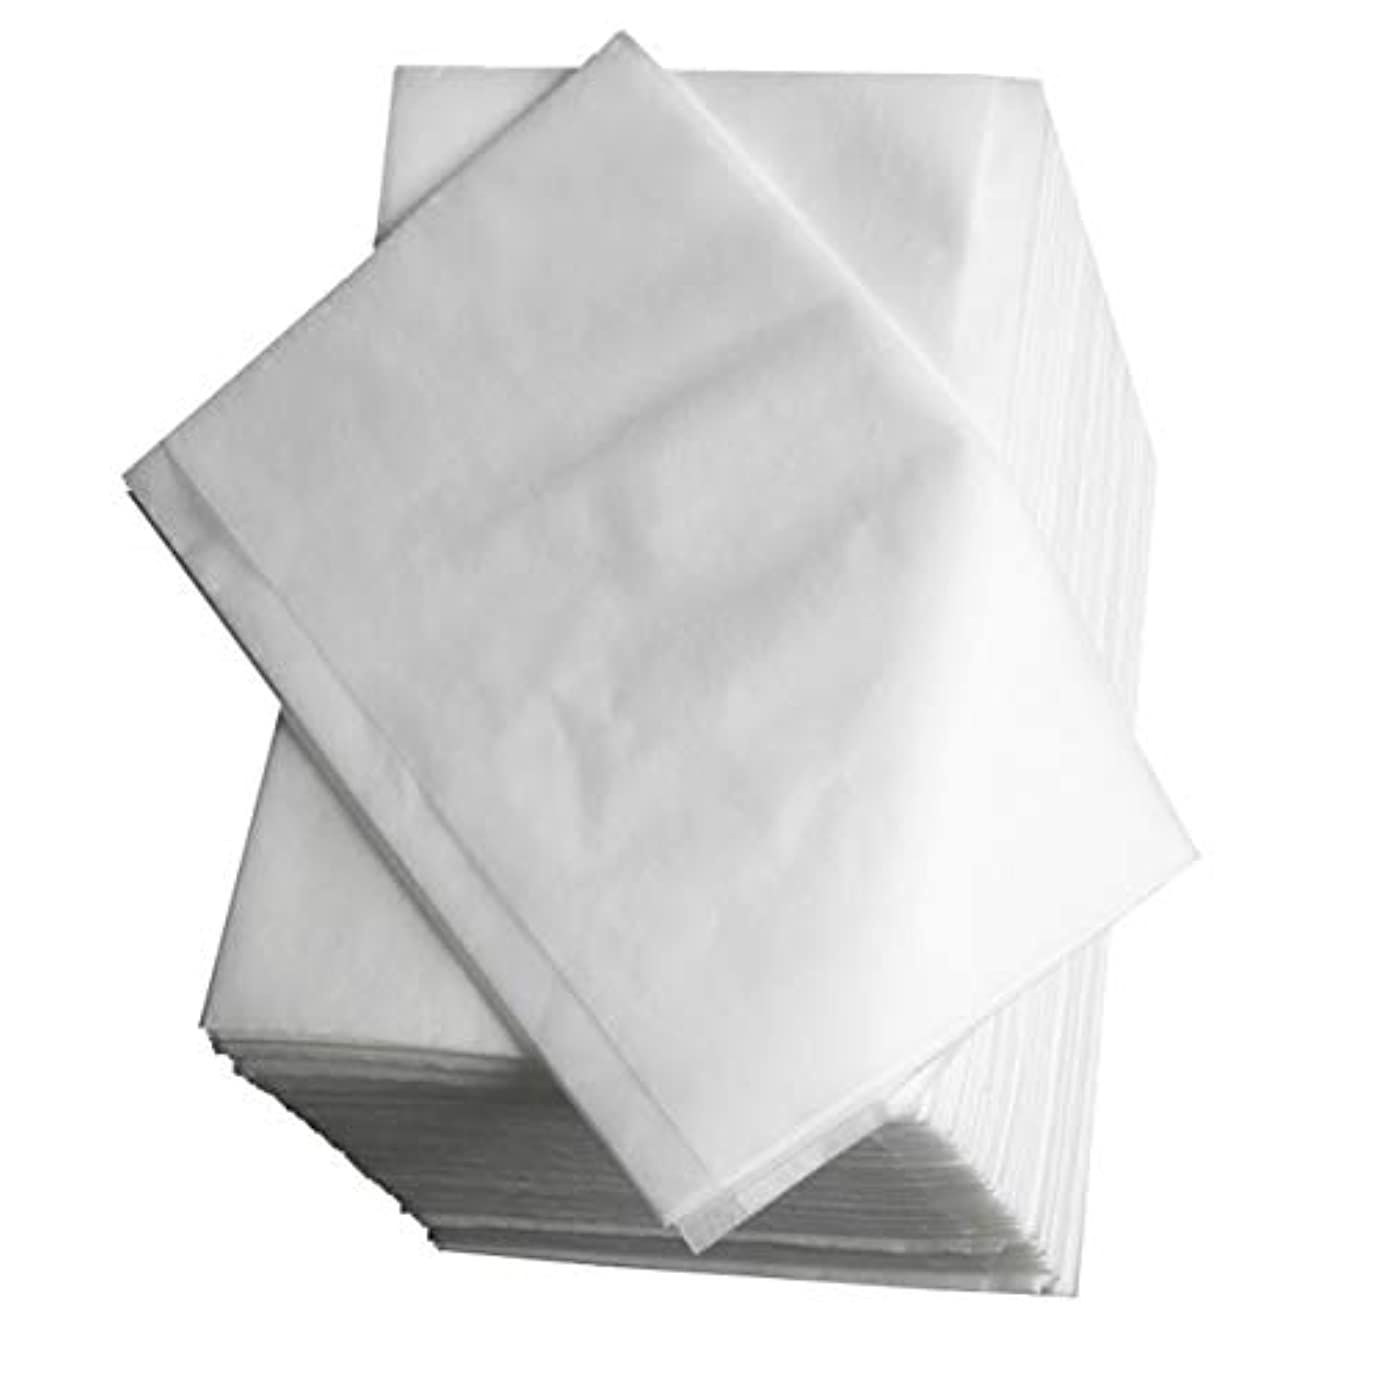 化学者温帯航空Disposable Bed Linen Beauty Salon Massage Travel Medical Non-woven Mattress Breathable Antibacterial Anti-infective